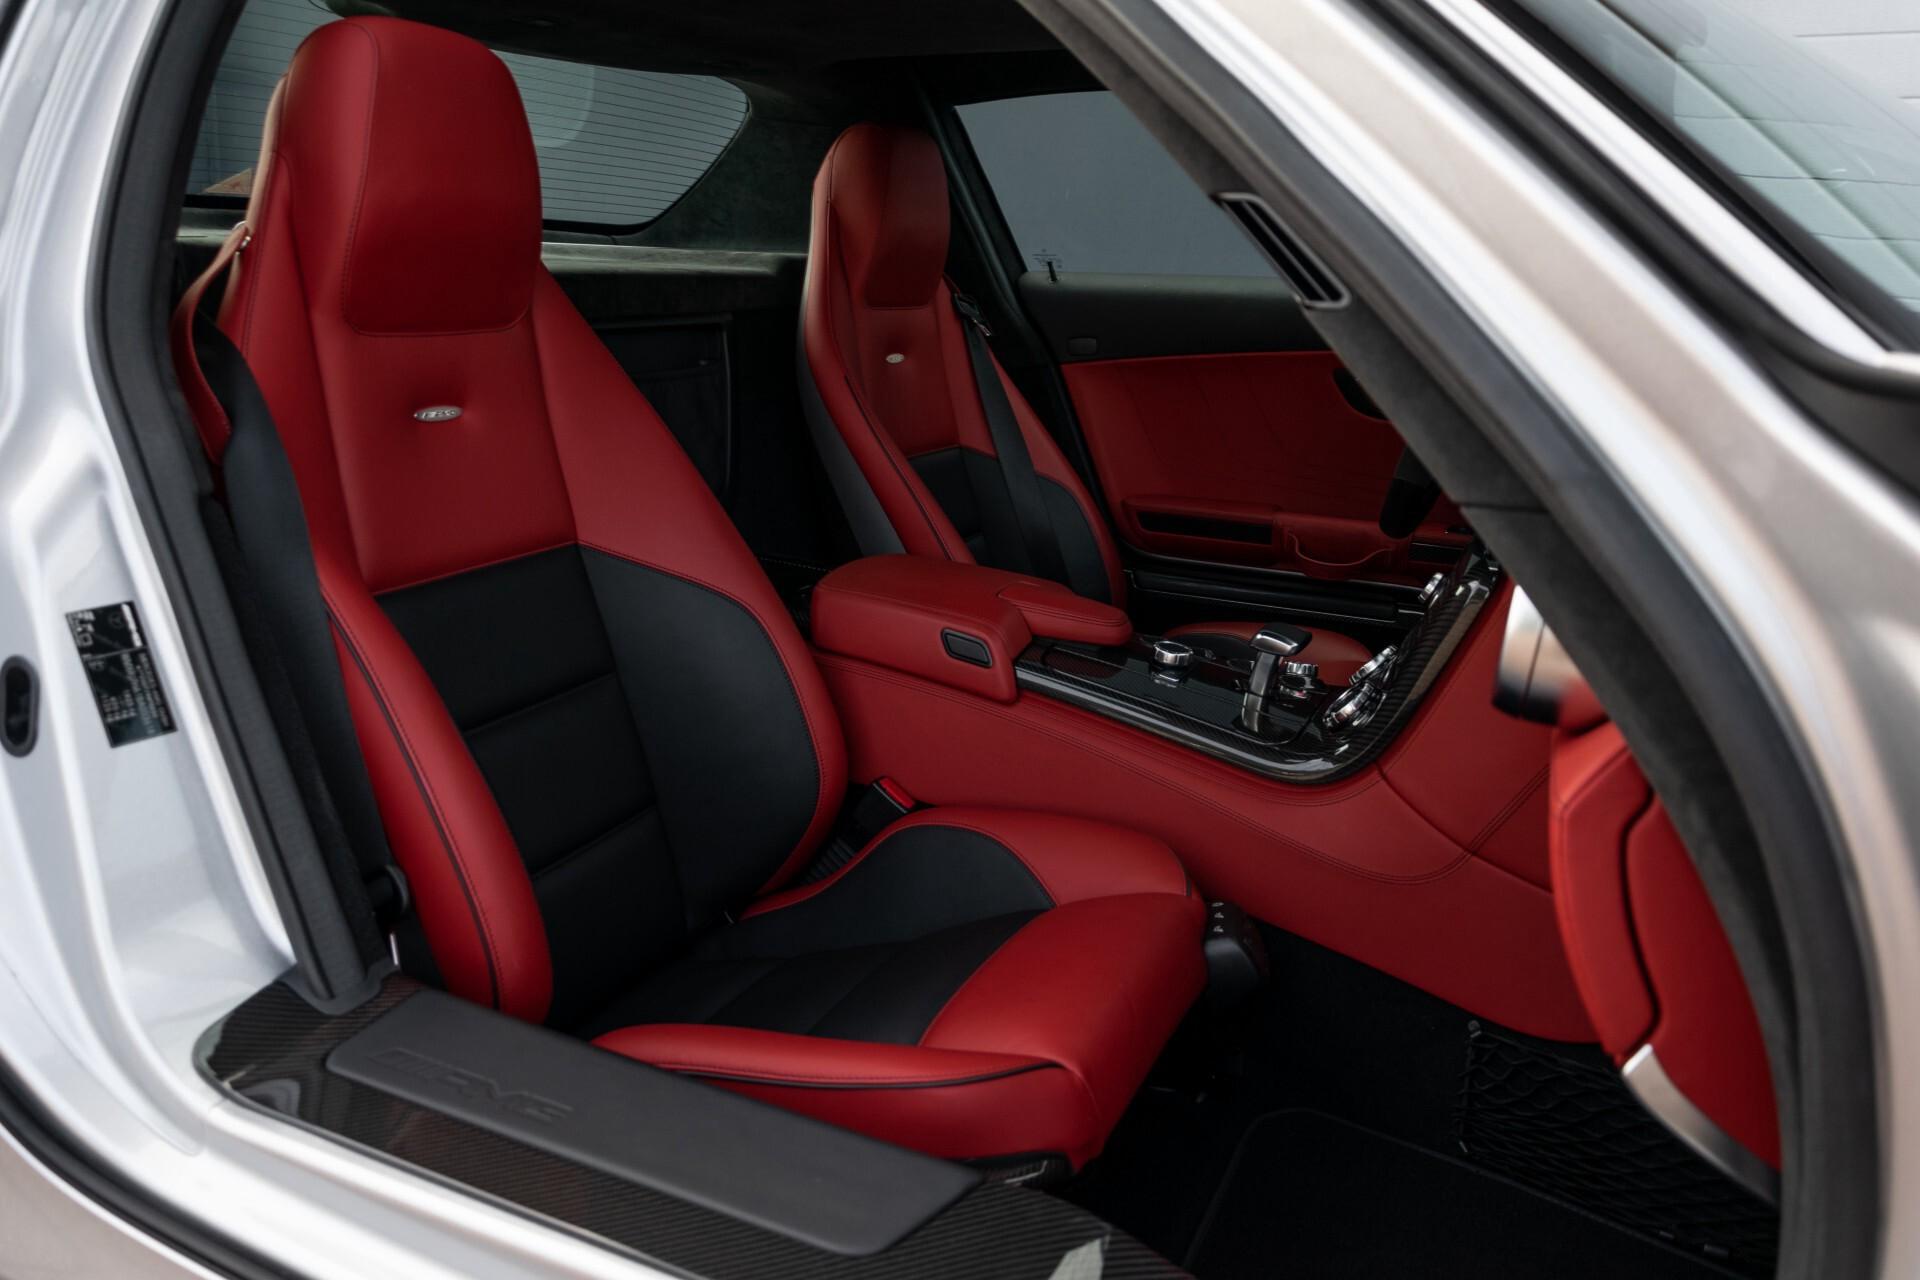 Mercedes-Benz SLS Coupé 6.3 AMG 1ste eigenaar/NL Auto FULL OPTIONS Aut7 Foto 6